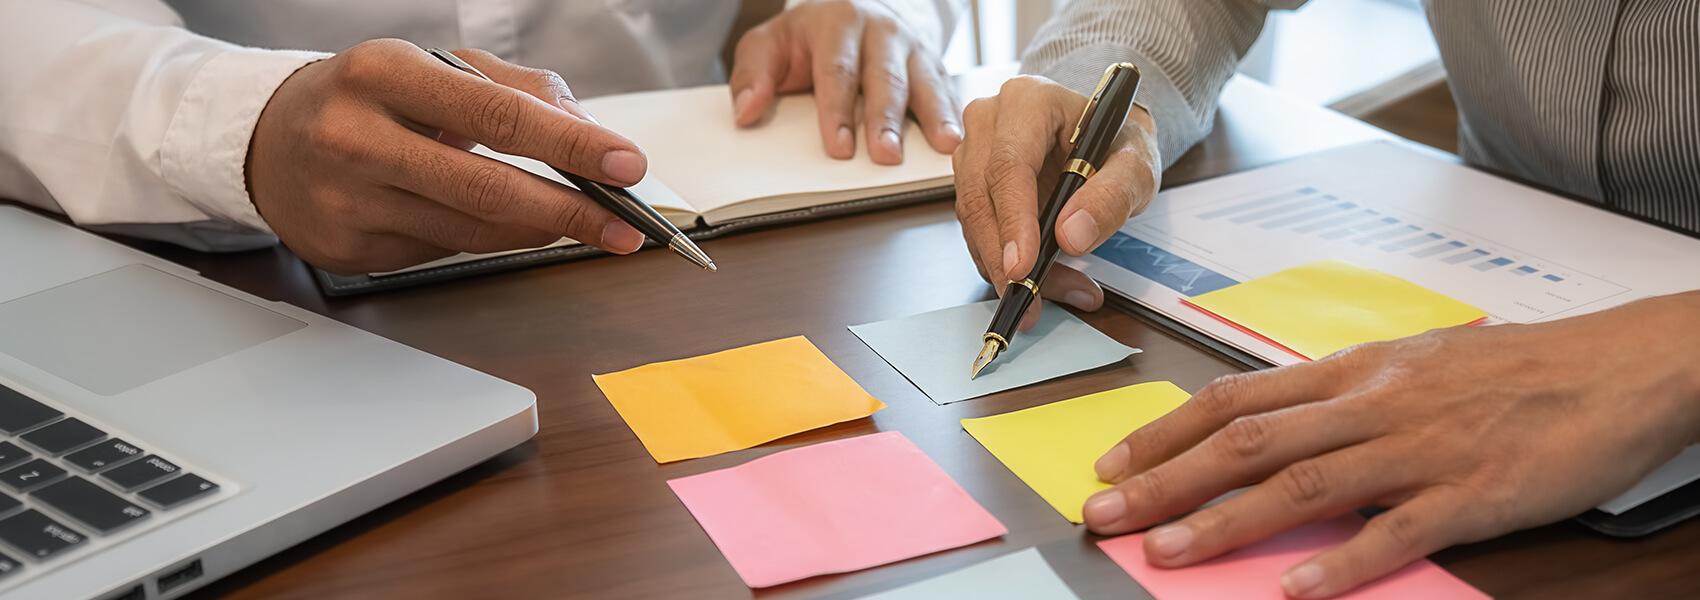 Wertebasierte<br> Strategieentwicklung, <br>organisatorische Umsetzung